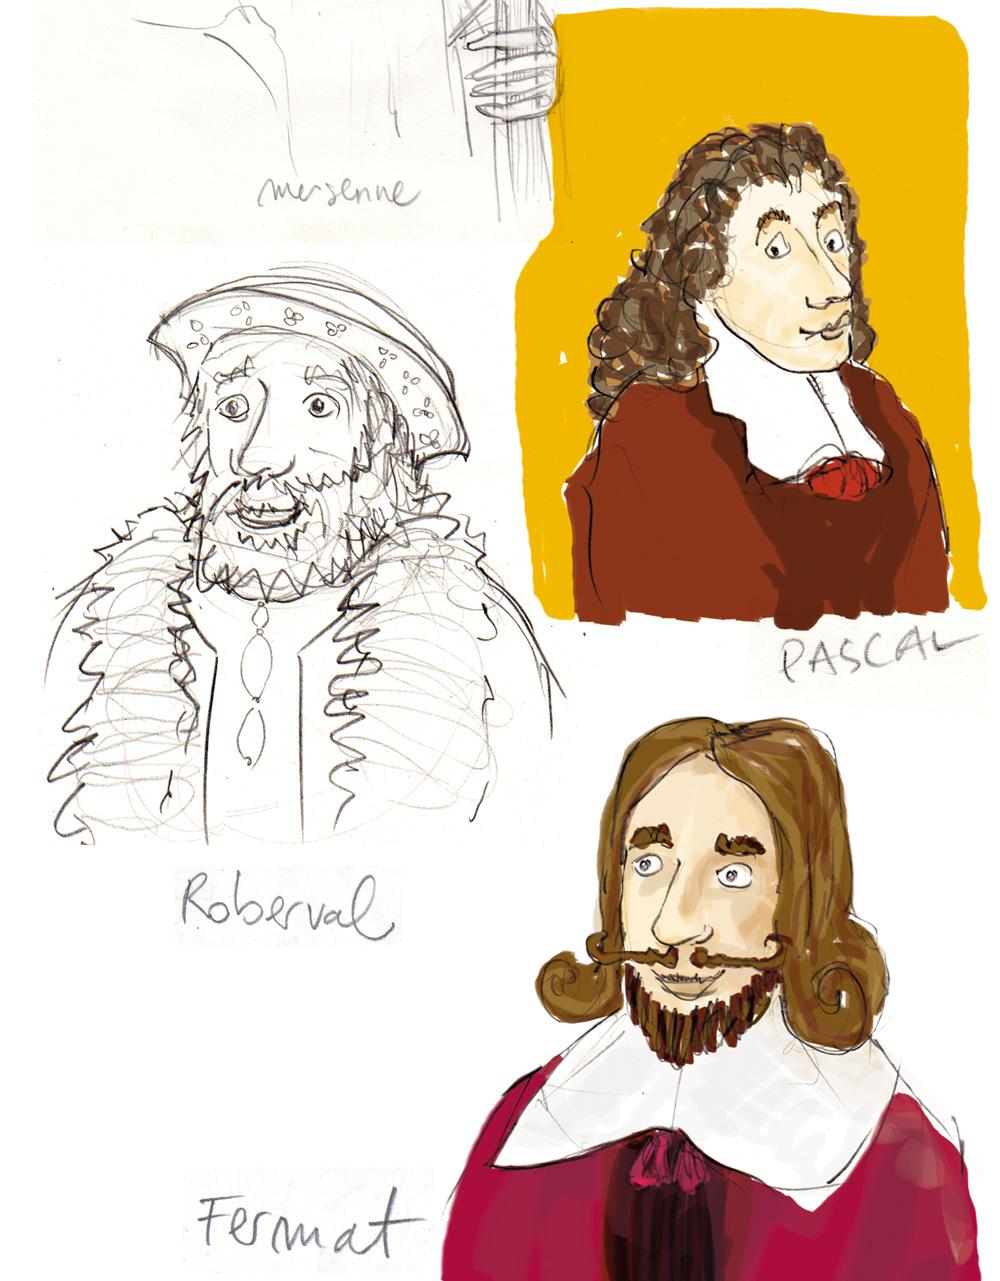 Récréa'Maths,Récréa'Maths, illustrations de grands mathématiciens du XVIIe siècle, Pascal, Roberval et Fermat